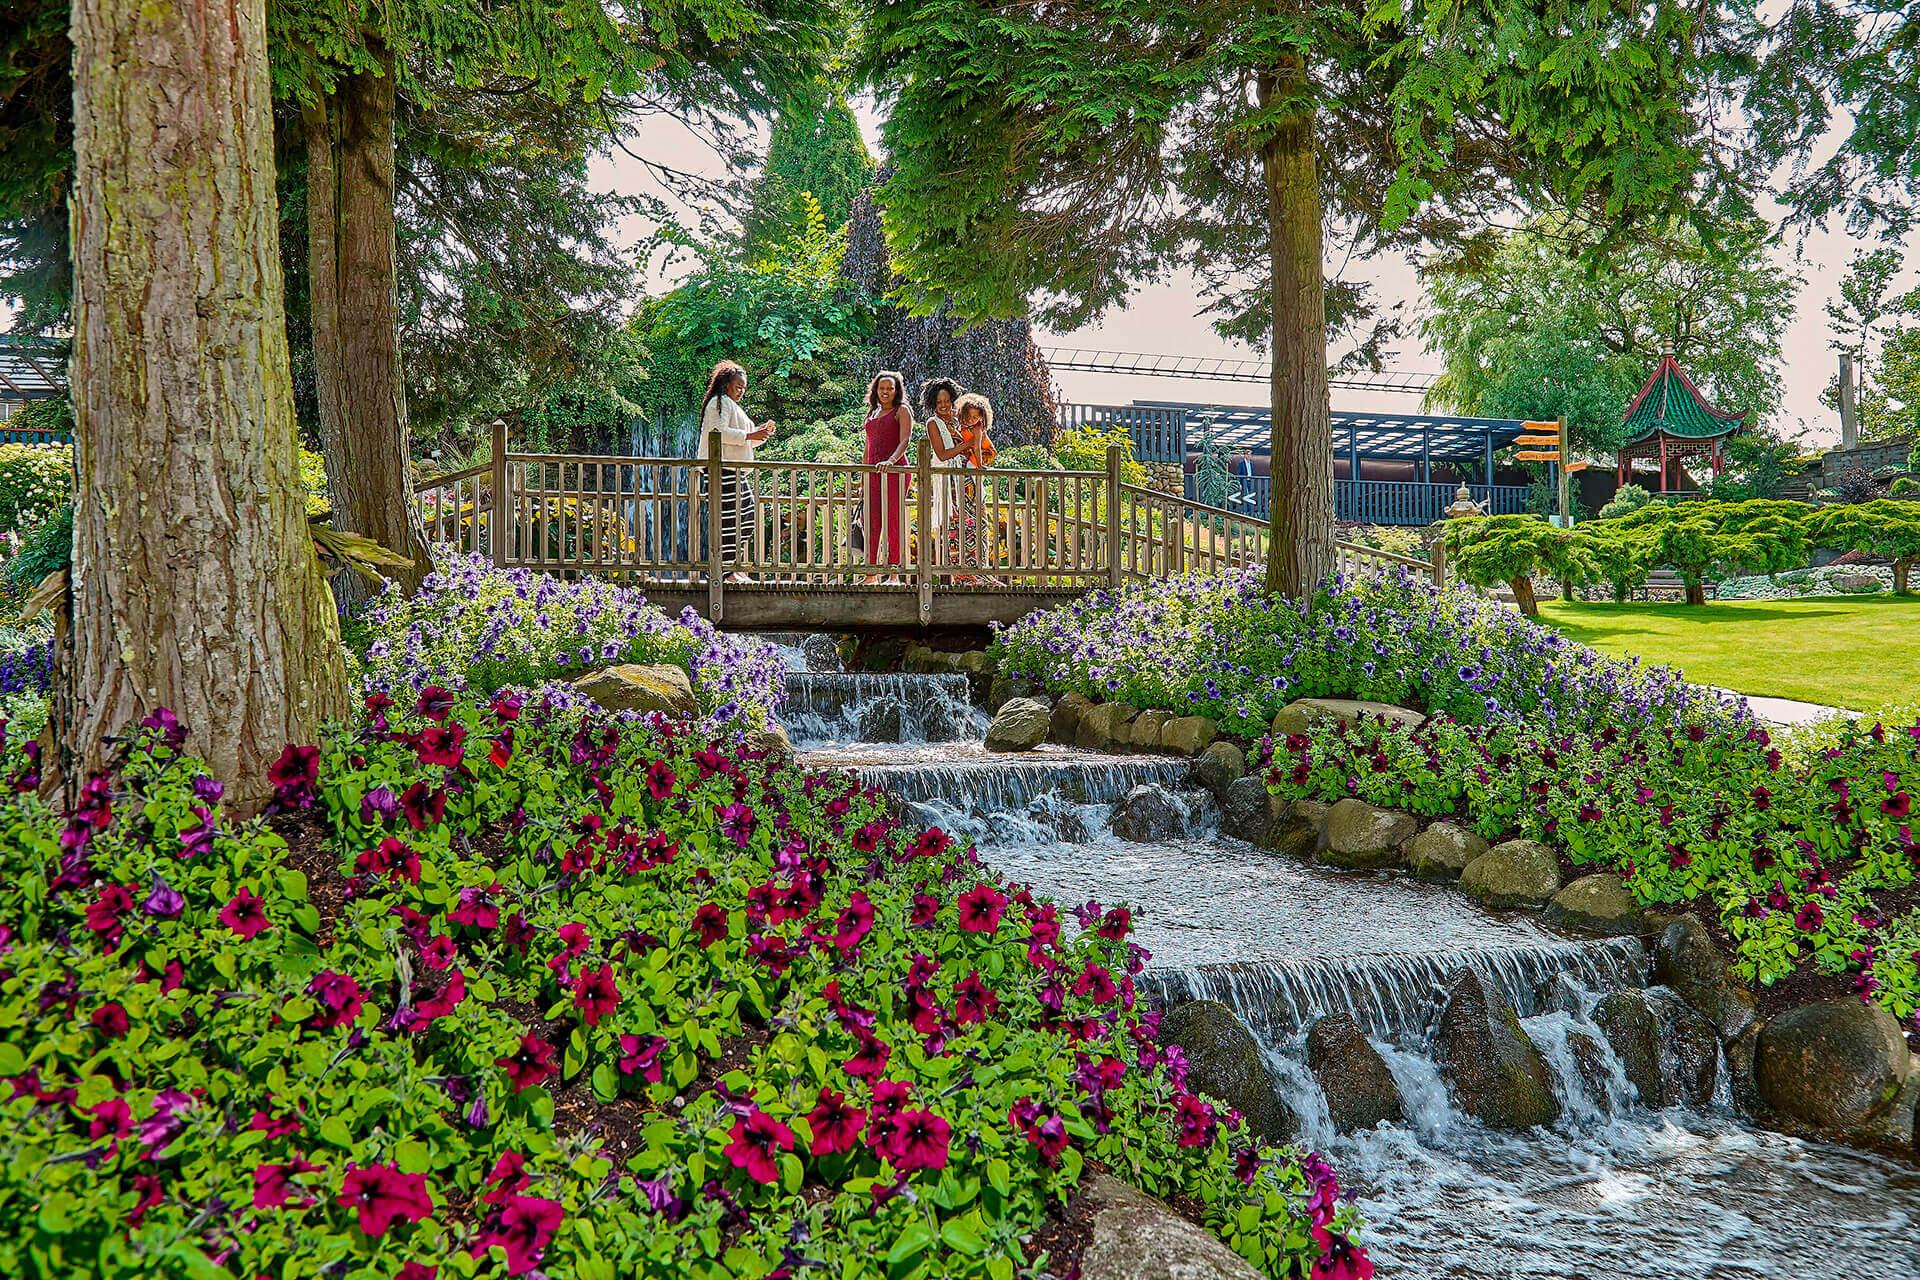 jesperhus blomster park